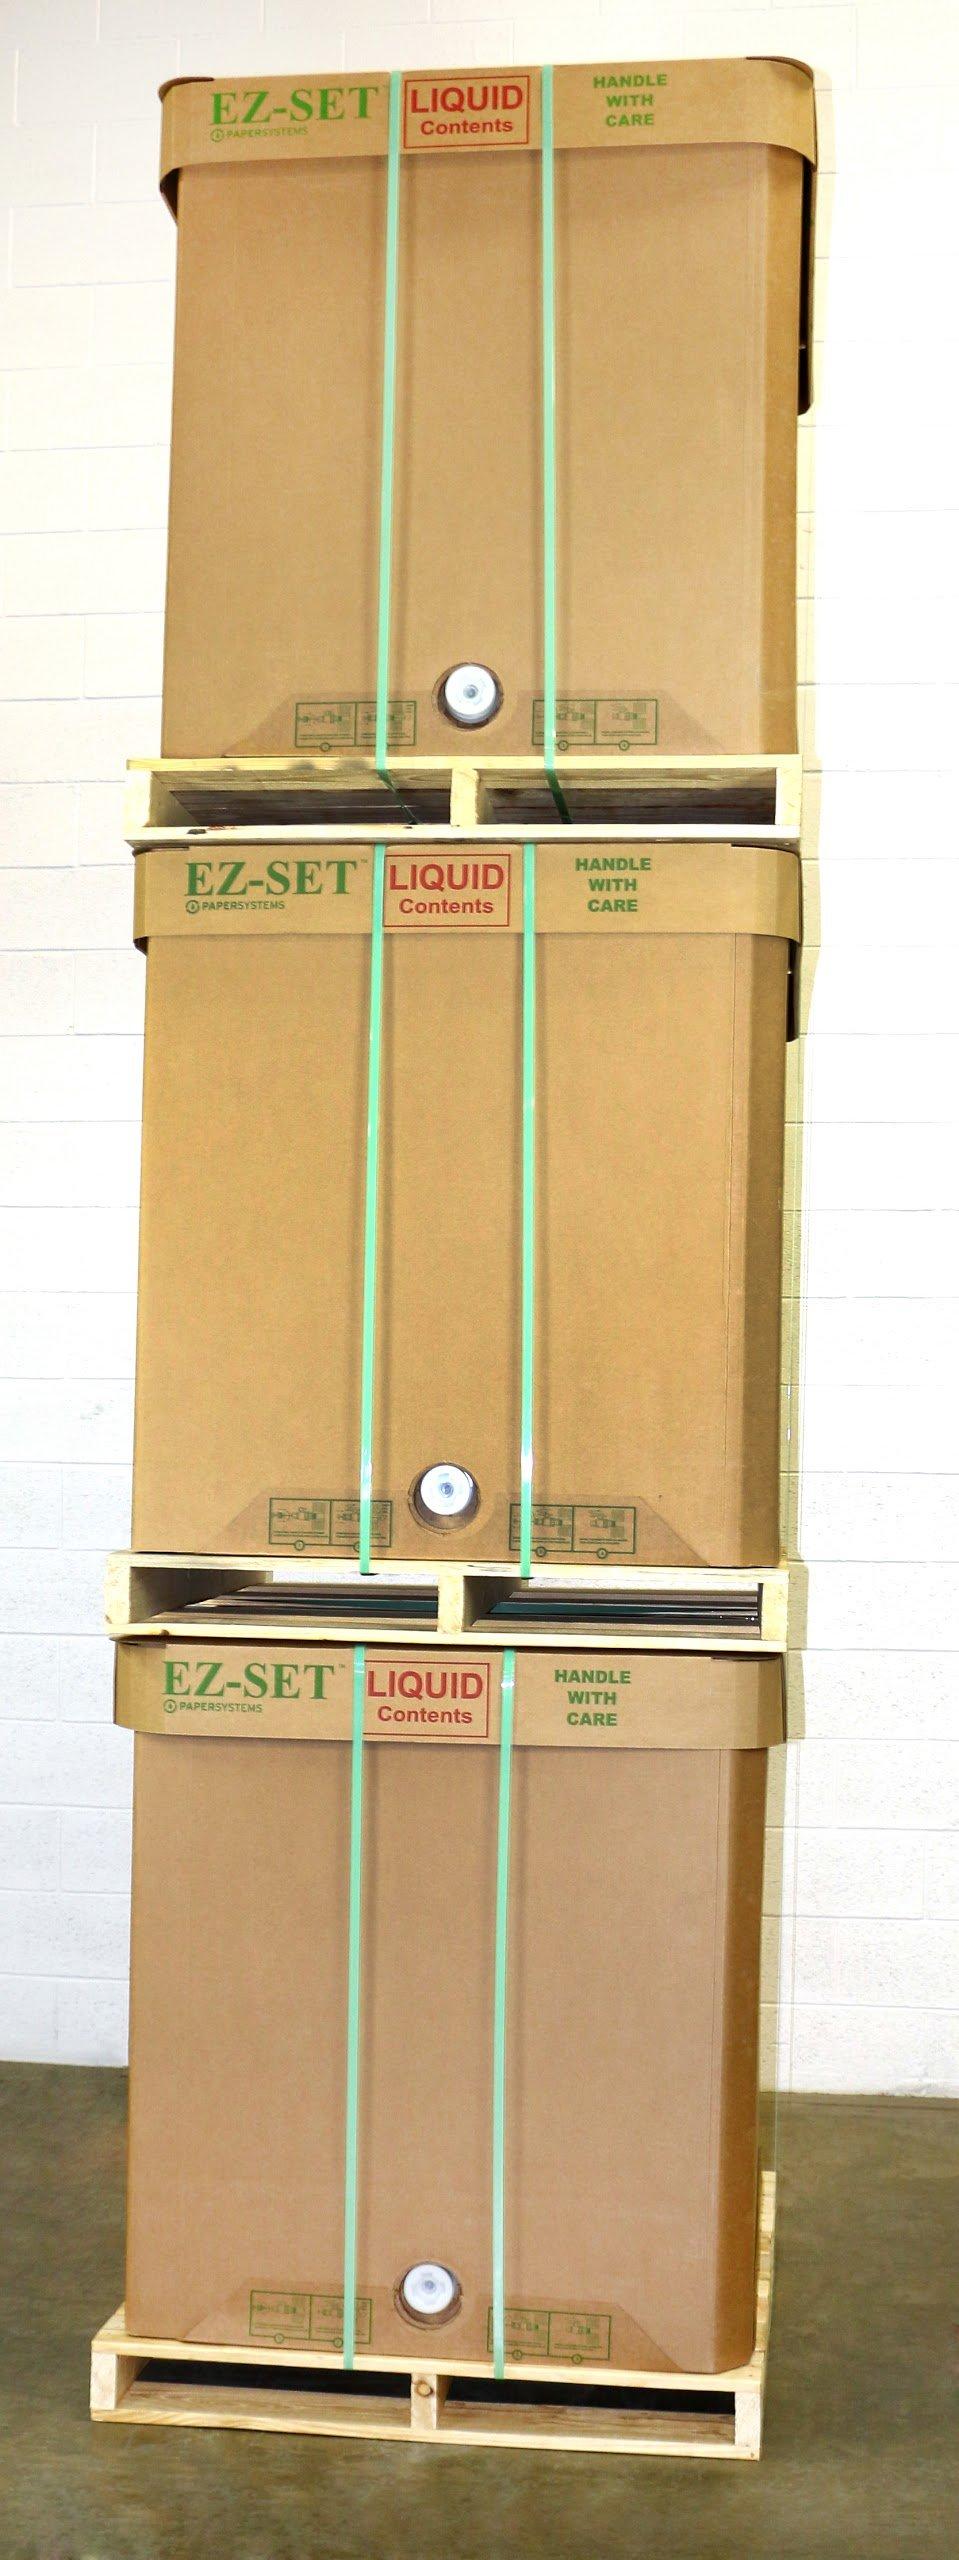 bulk liquid containers